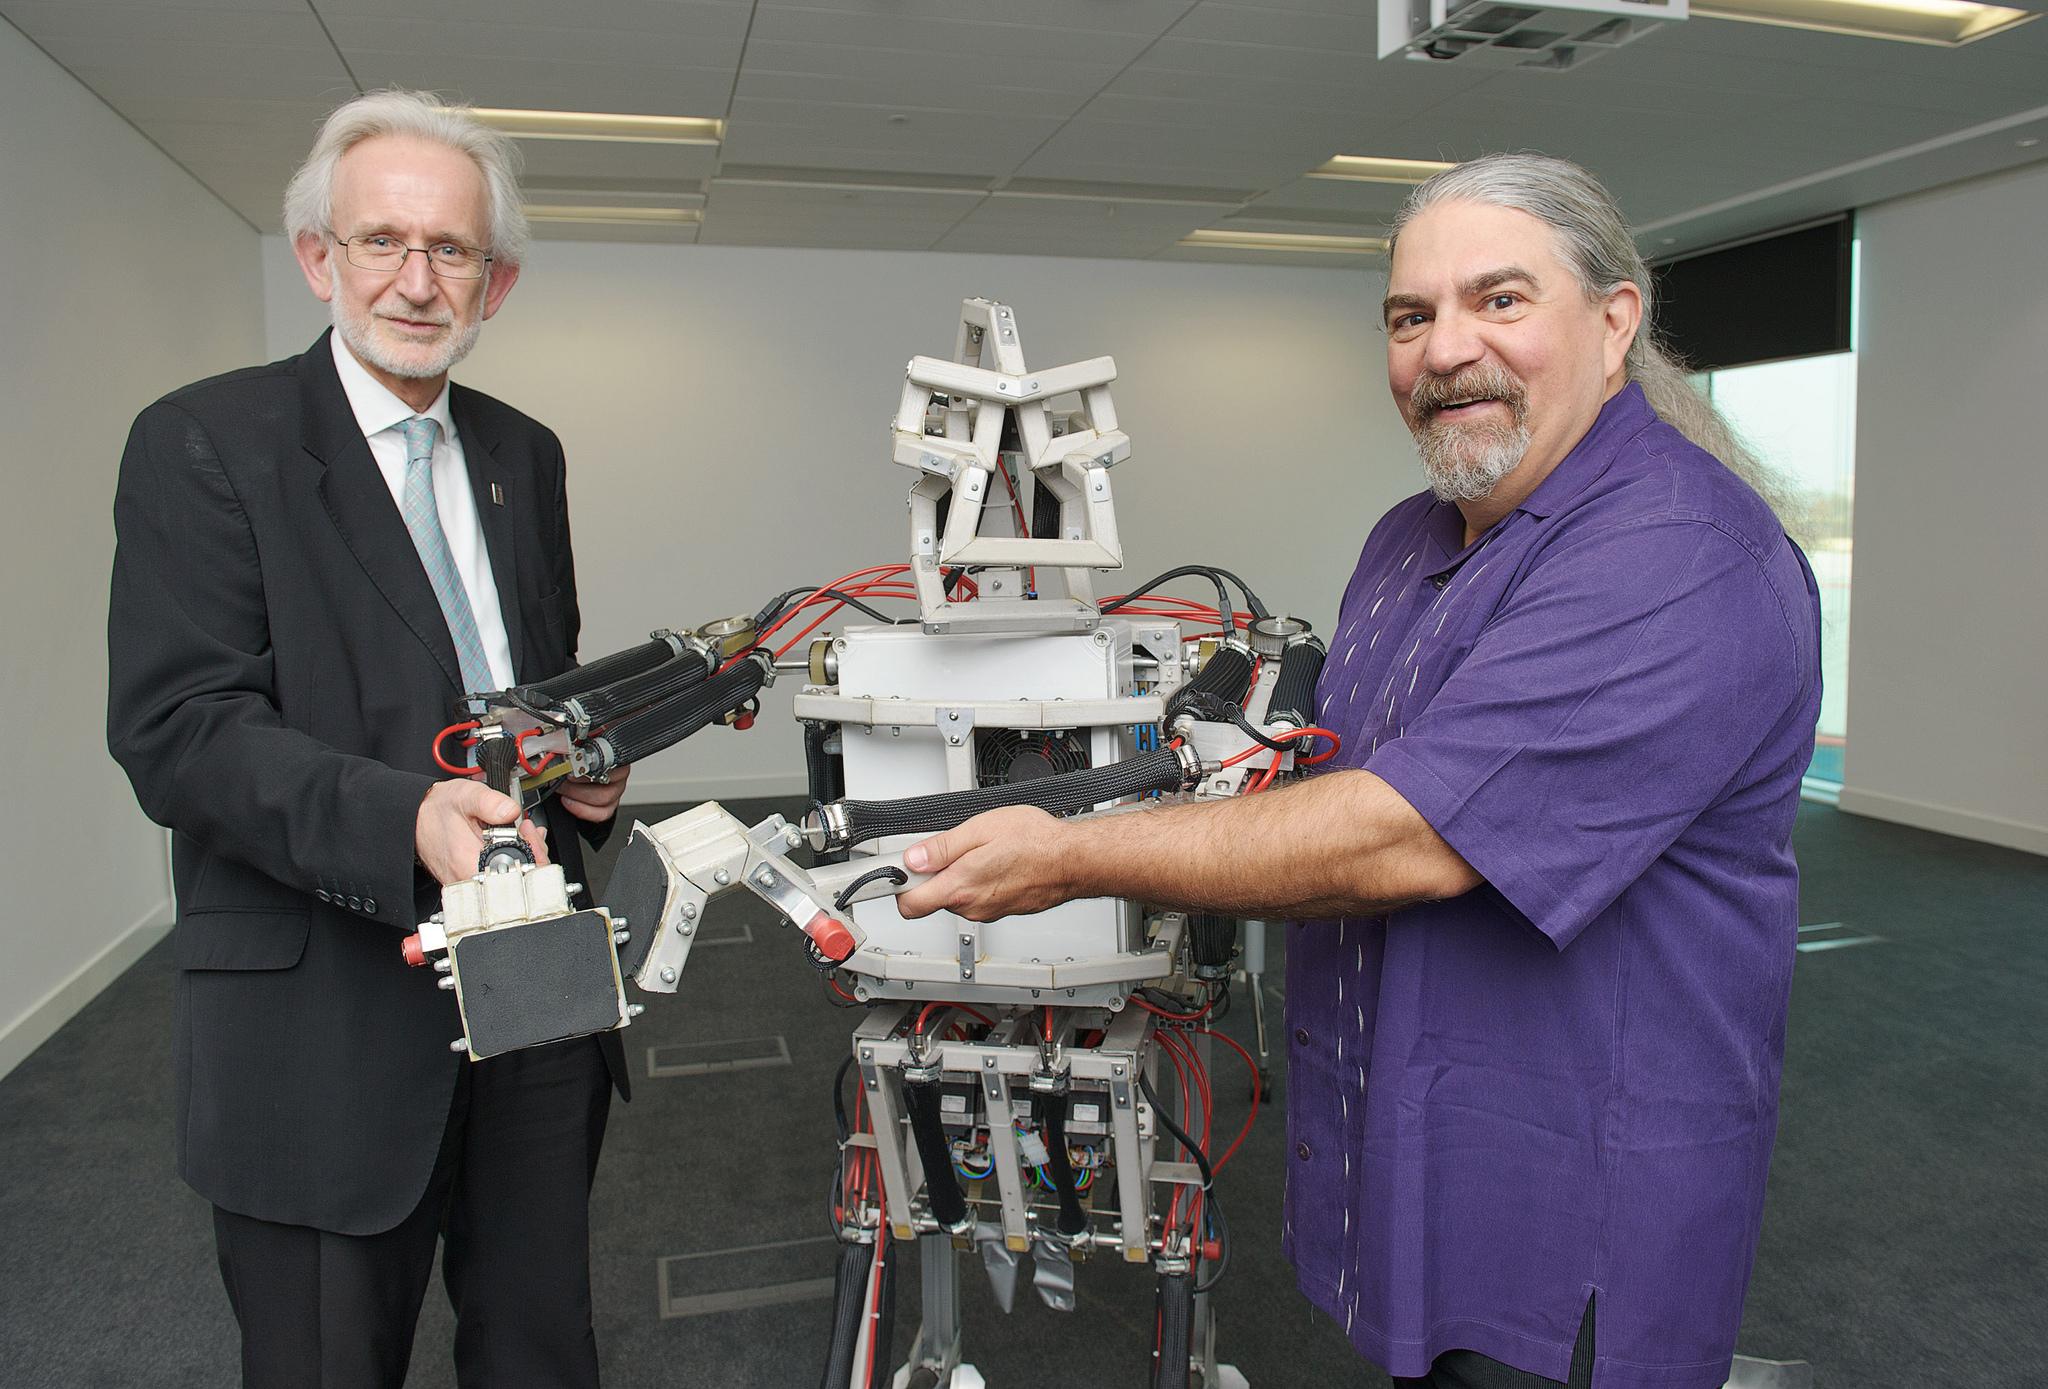 Nem az a lényeg, hogy robotokkal társalgunk a bankfiókban, hanem hogy algoritmusokkal automatizálják az eddig emberek által meghozott döntéseket (fotó: flickr)